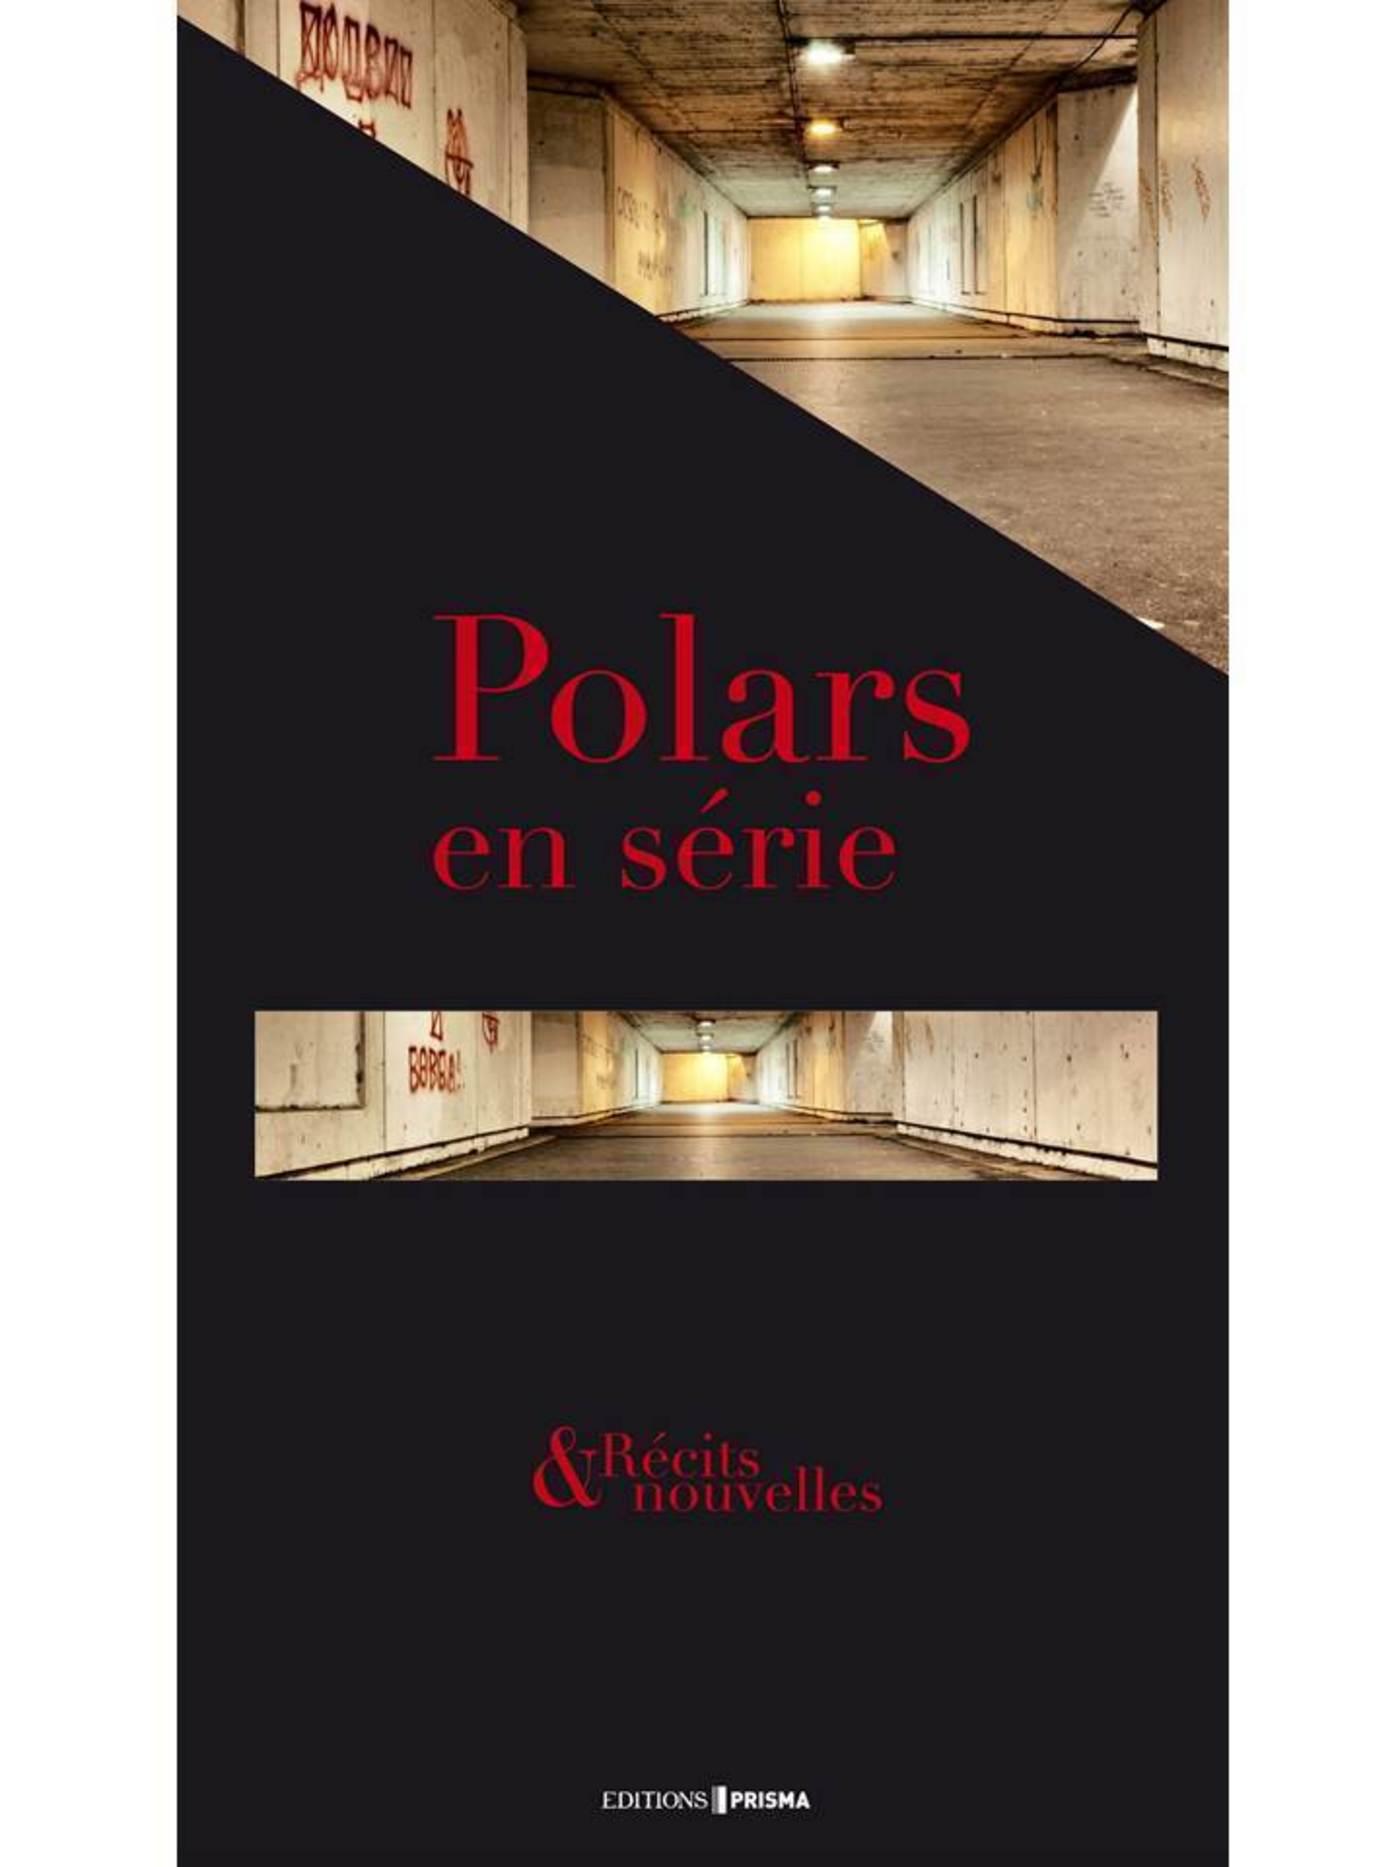 Polar en série